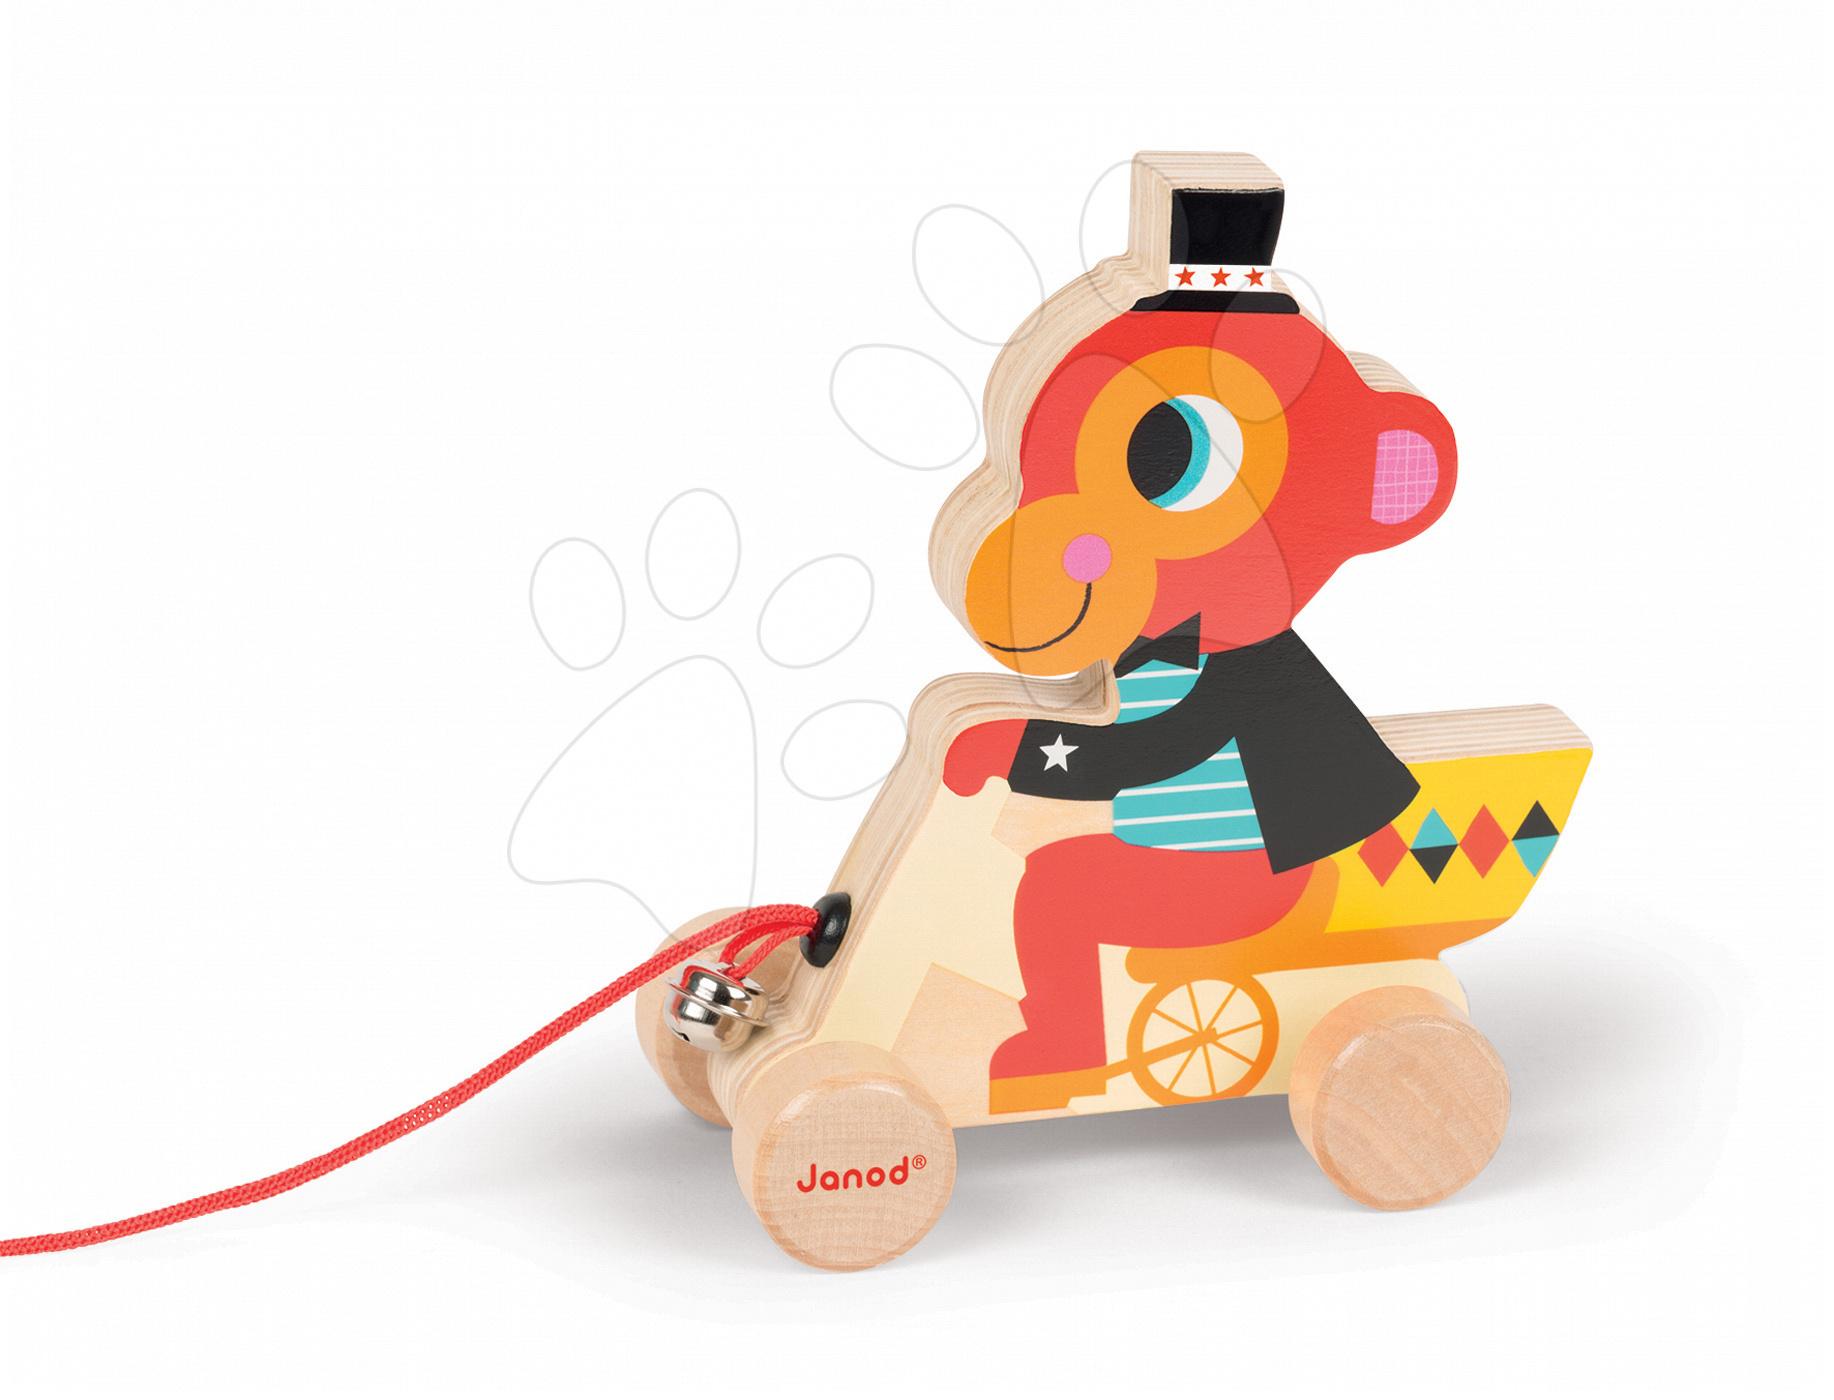 Ťahacie hračky - Drevená opička Janod zvieratko z cirkusu na ťahanie so zvončekom od 12 mes